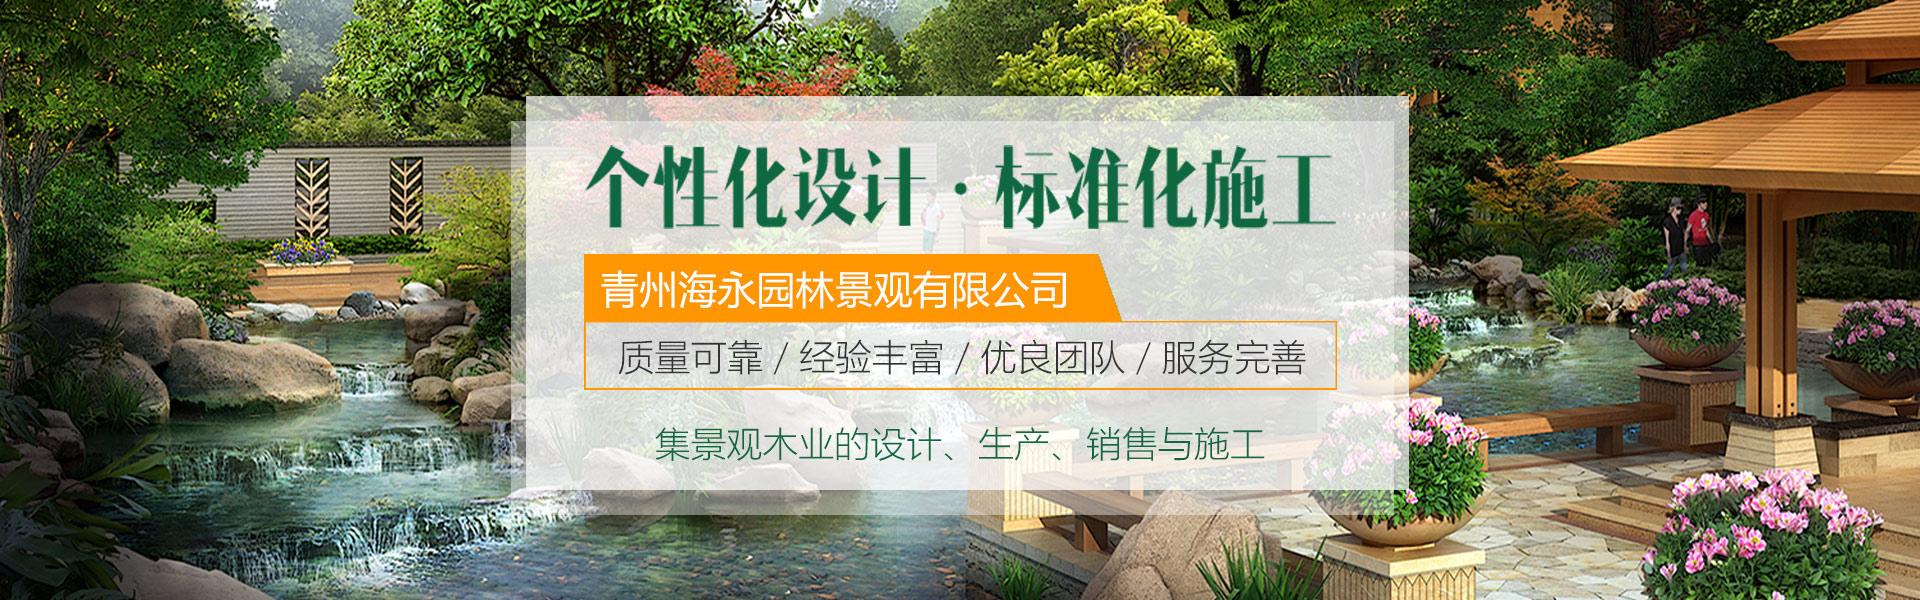 青州海永园林景观有限公司